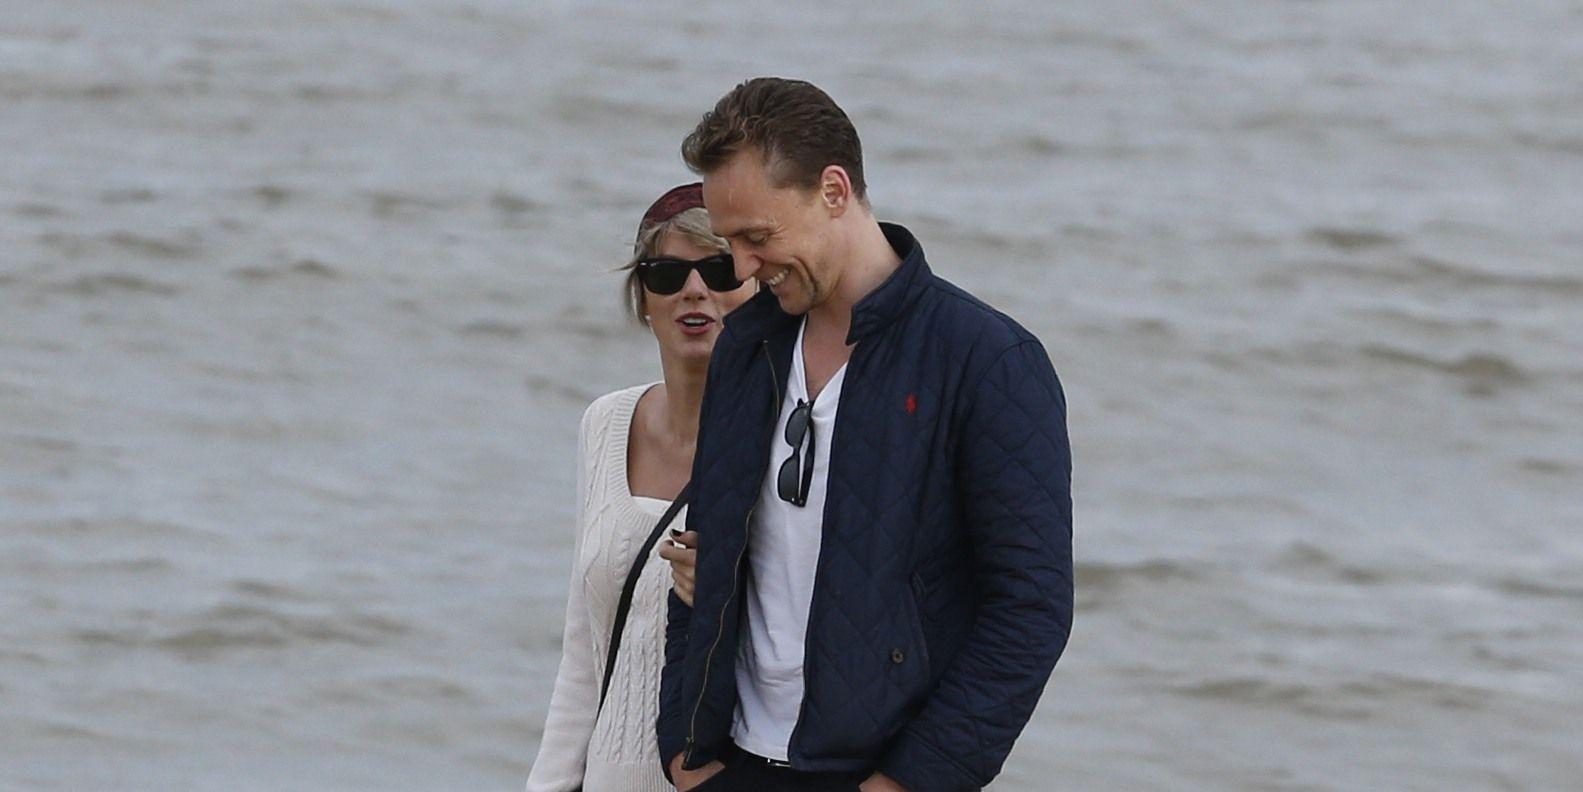 Taylor Swift, Tom Hiddleston take a stroll on the beach, Suffolk